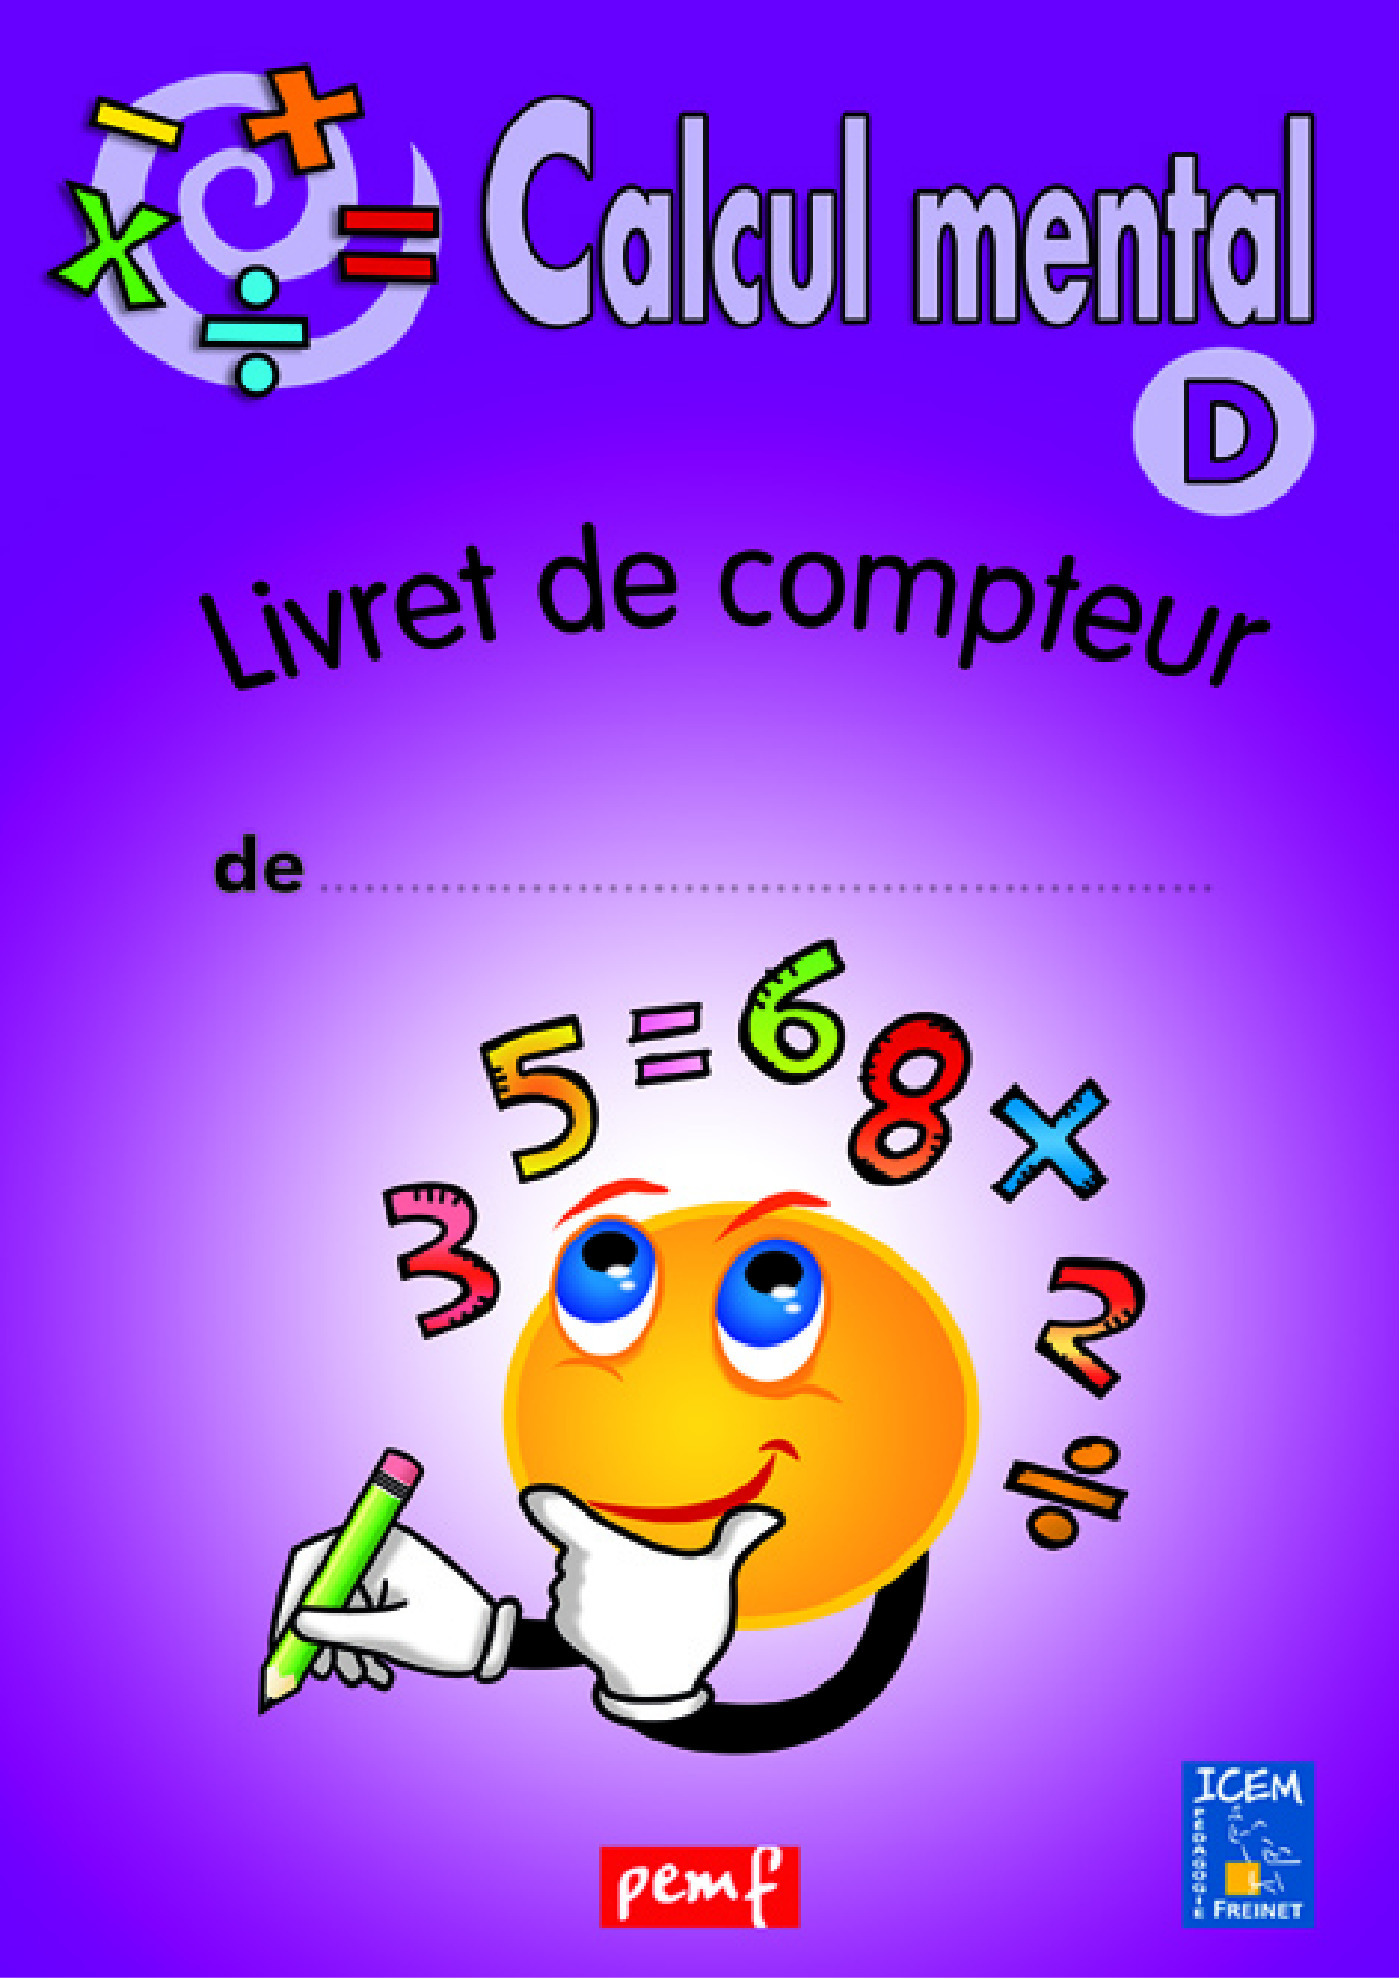 Calcul mental livret compteur d (violet)